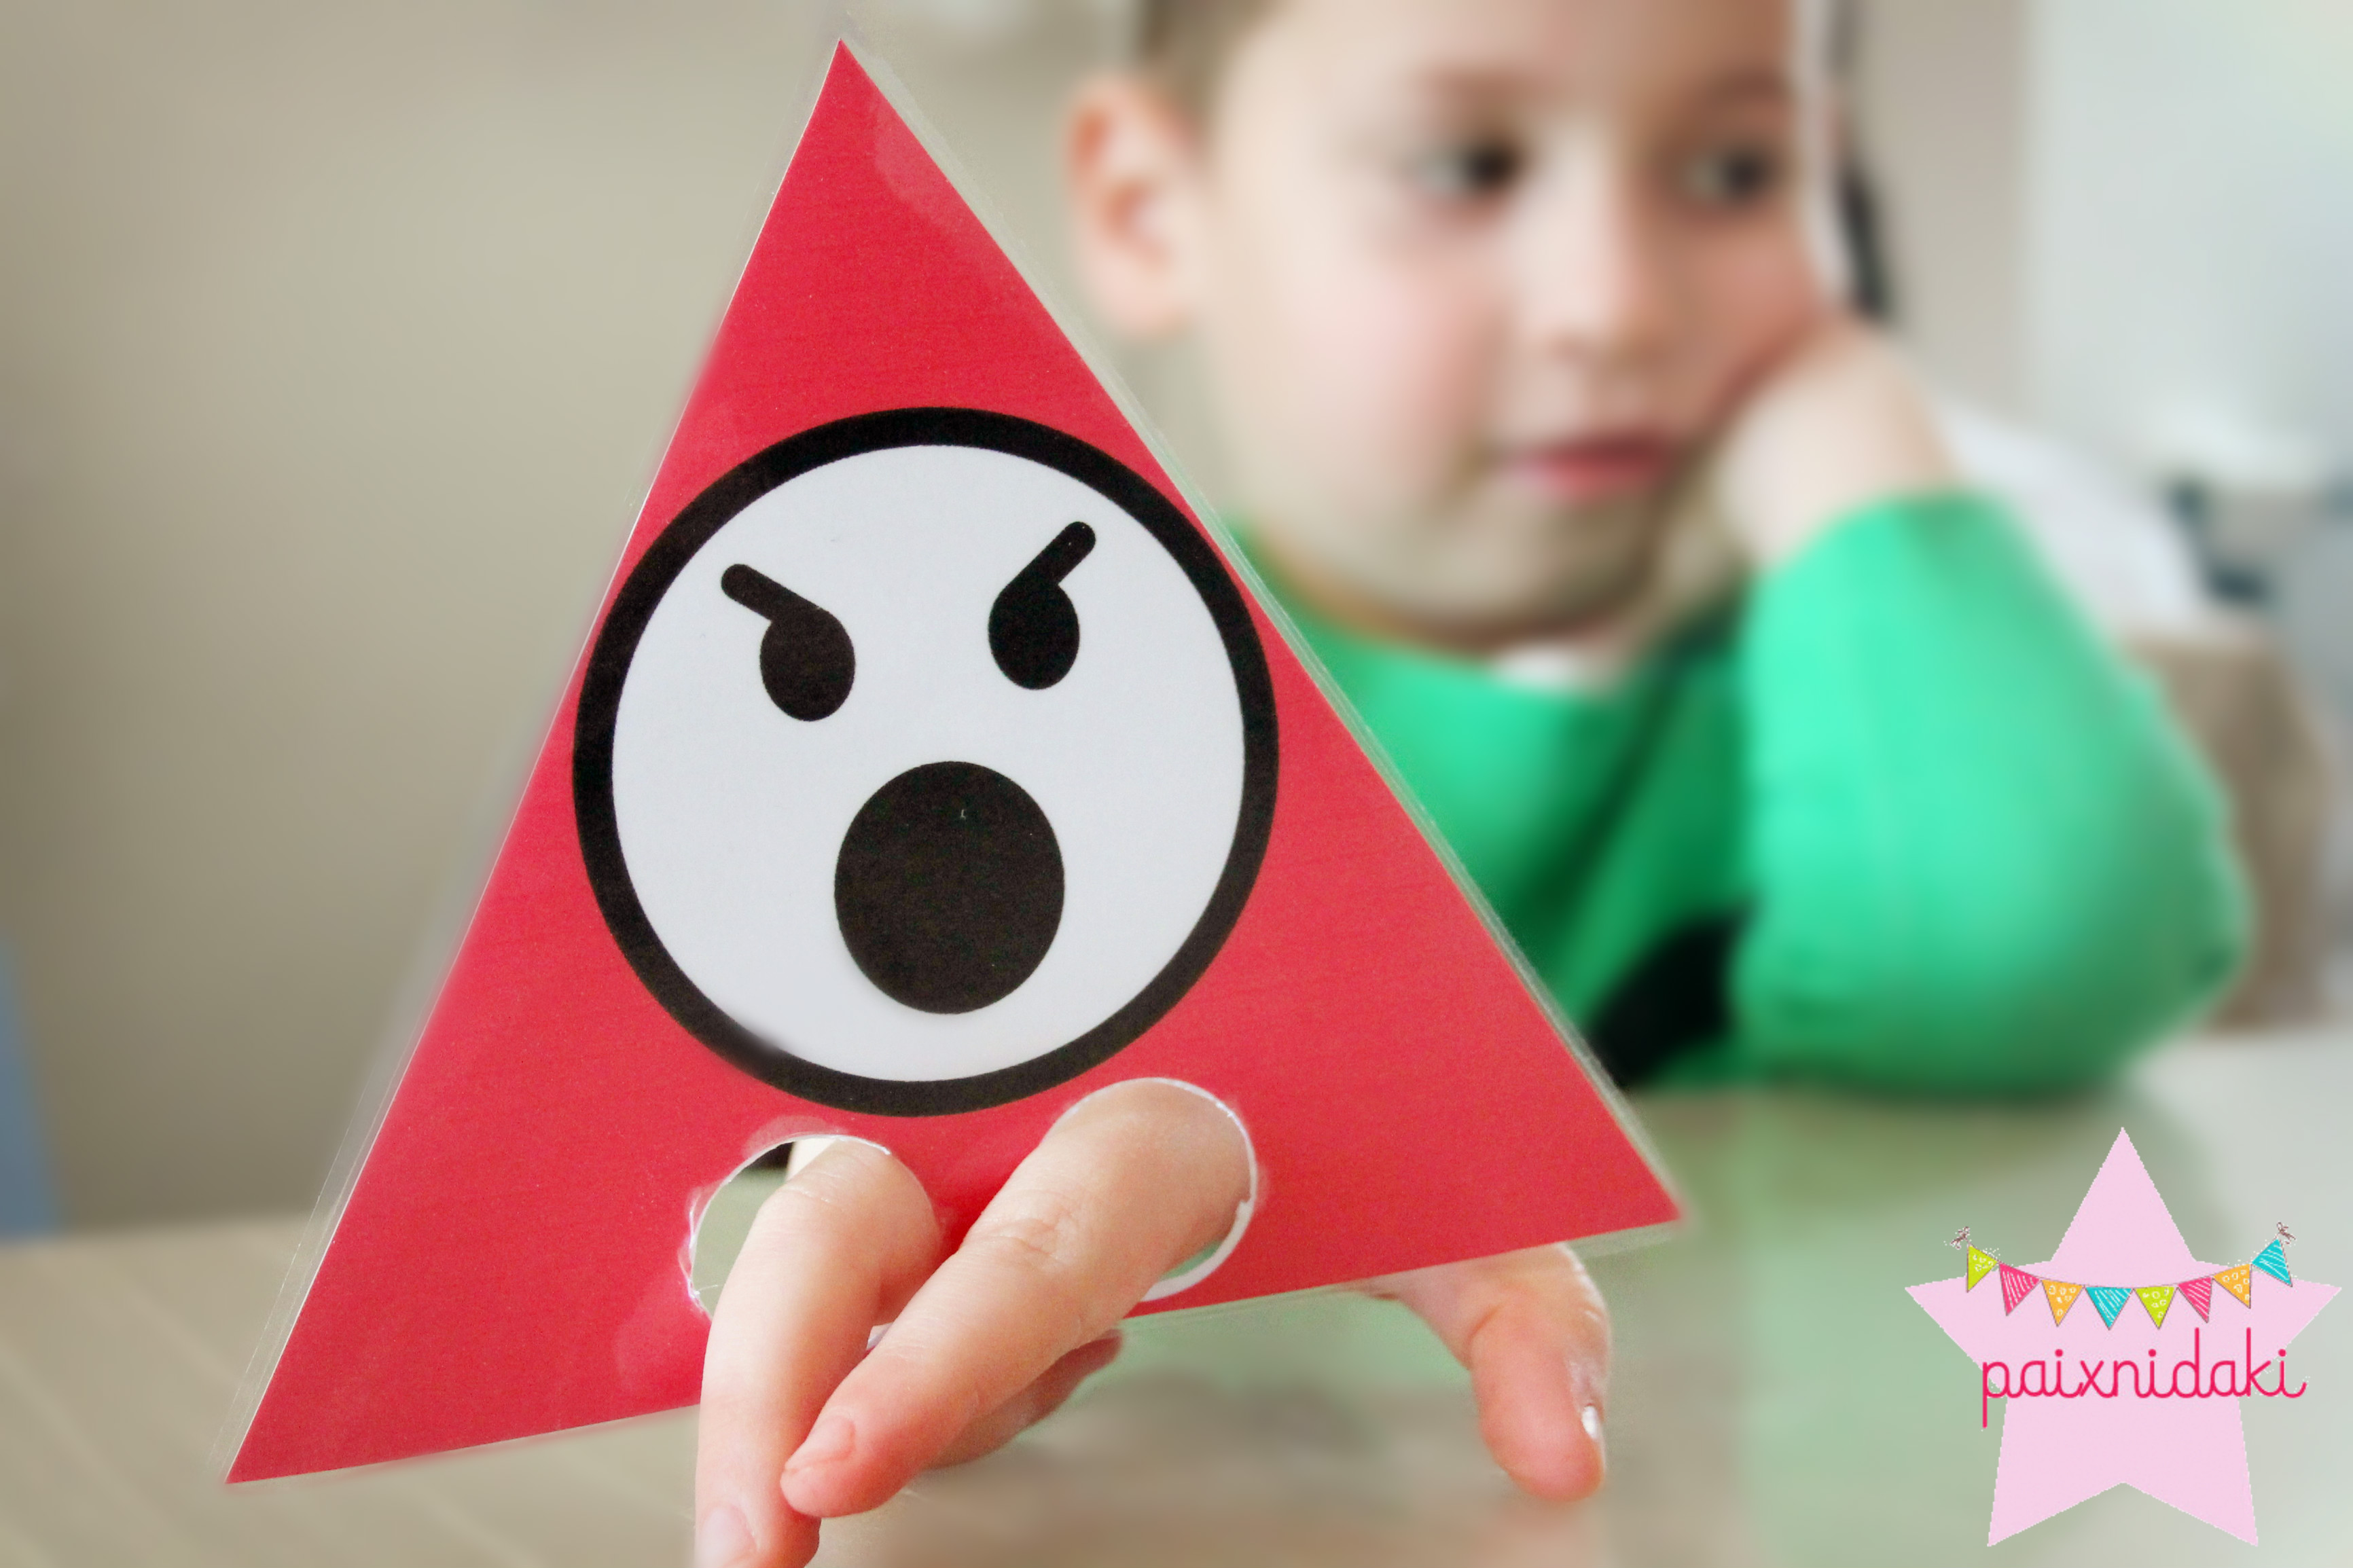 παιχνίδια με τα σχήματα και τα συναισθήματα